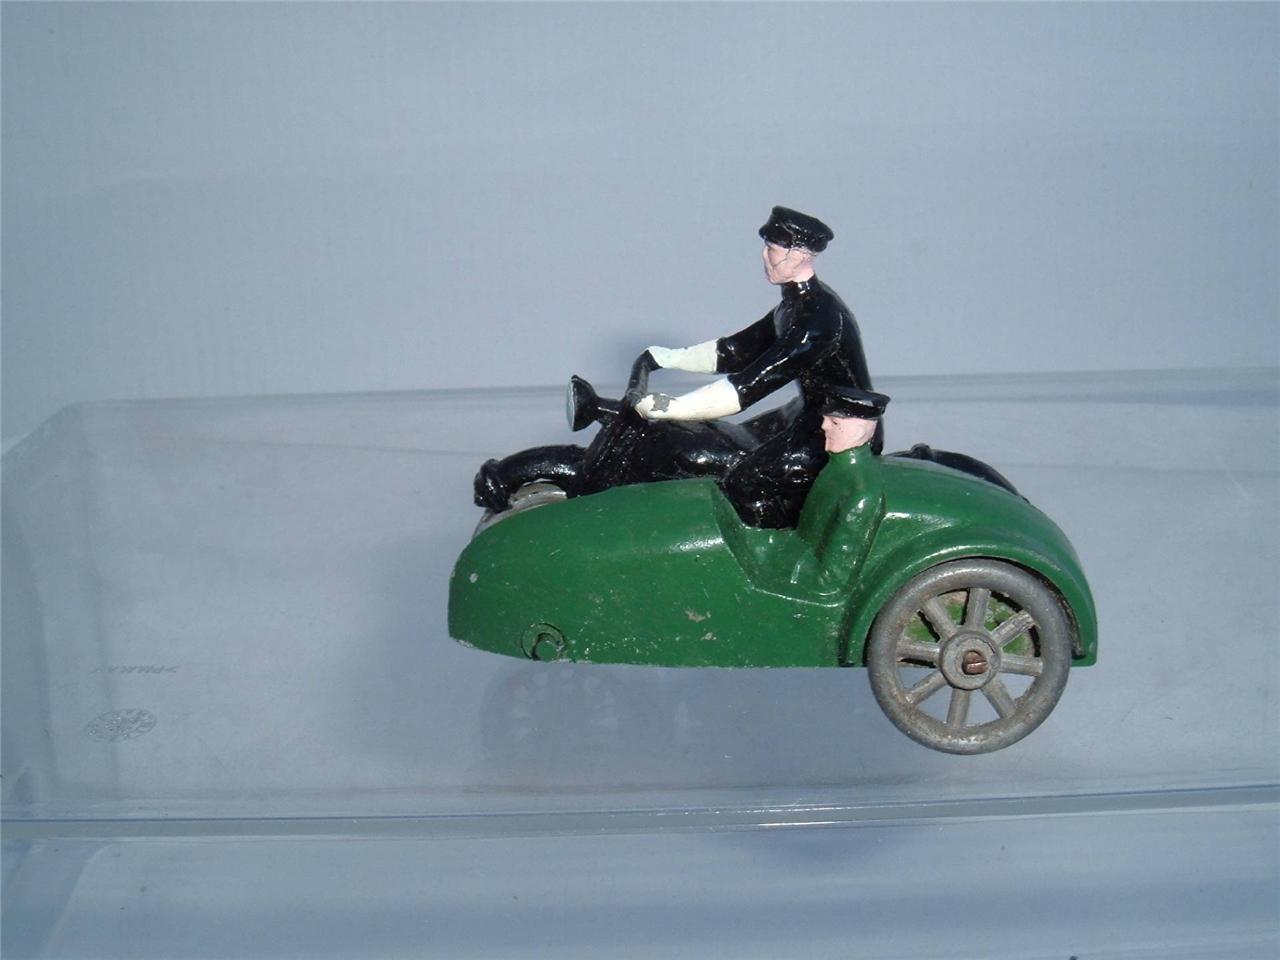 Sconosciuti IN METALLO MOTO & carrozzino combinazione in Painted scorrere verso il basso per foto